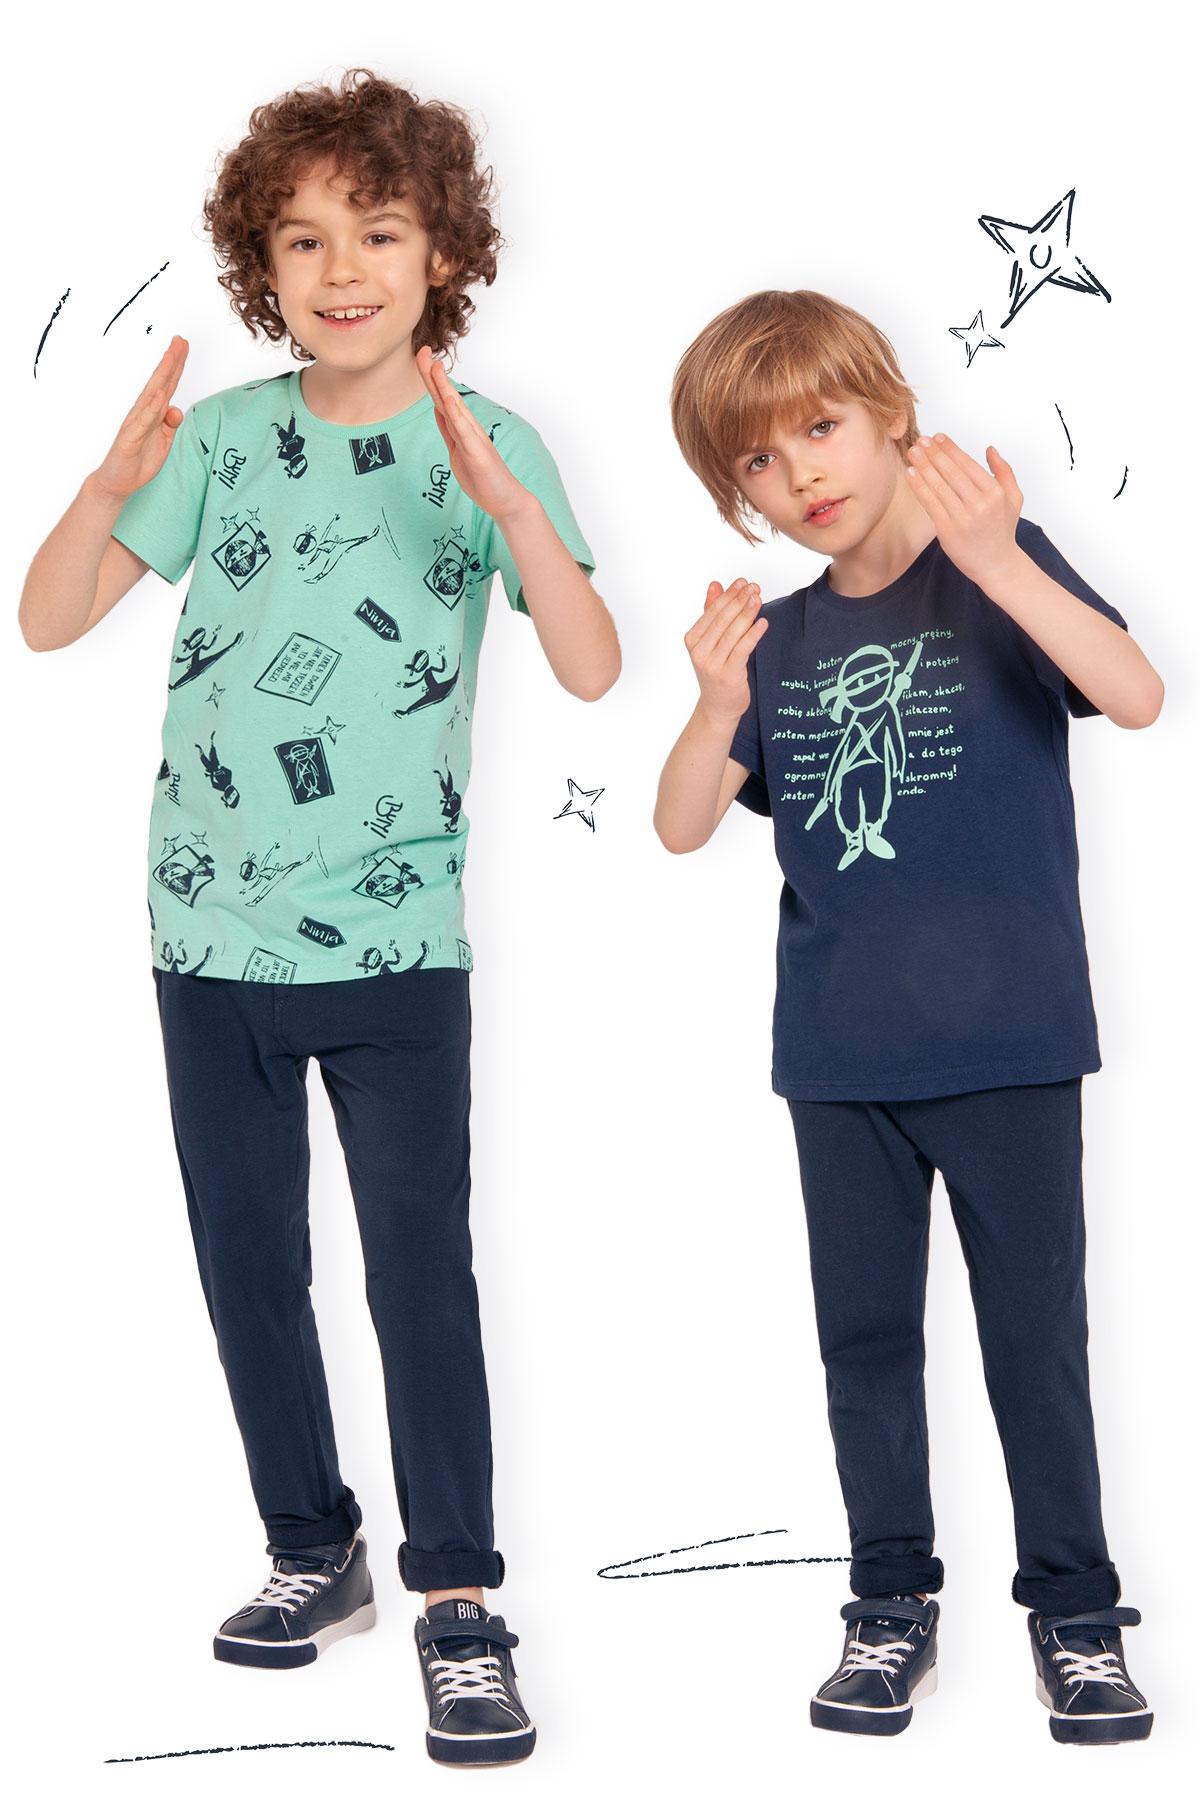 T-shirty z krótkim rękawem dla chłopców z kolekcji Ninja, zdjęcie z sesji zdjęciowej